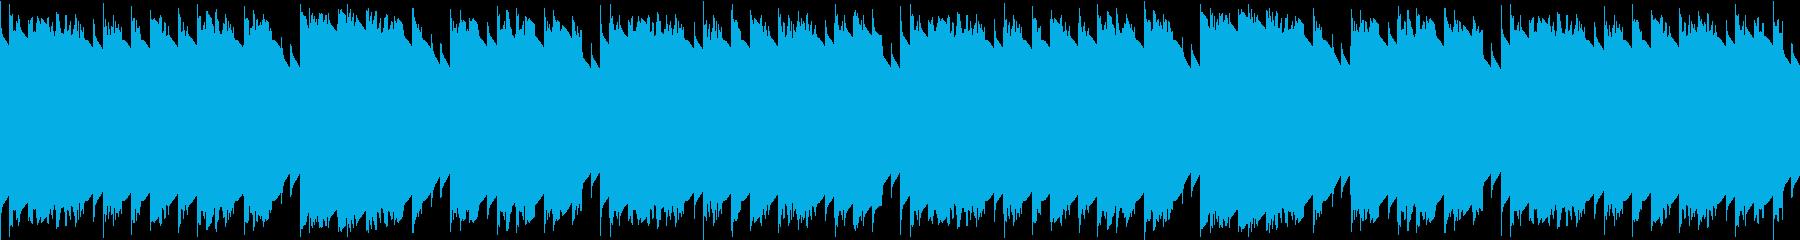 童謡「お正月」レトロゲーム風 ループ仕様の再生済みの波形